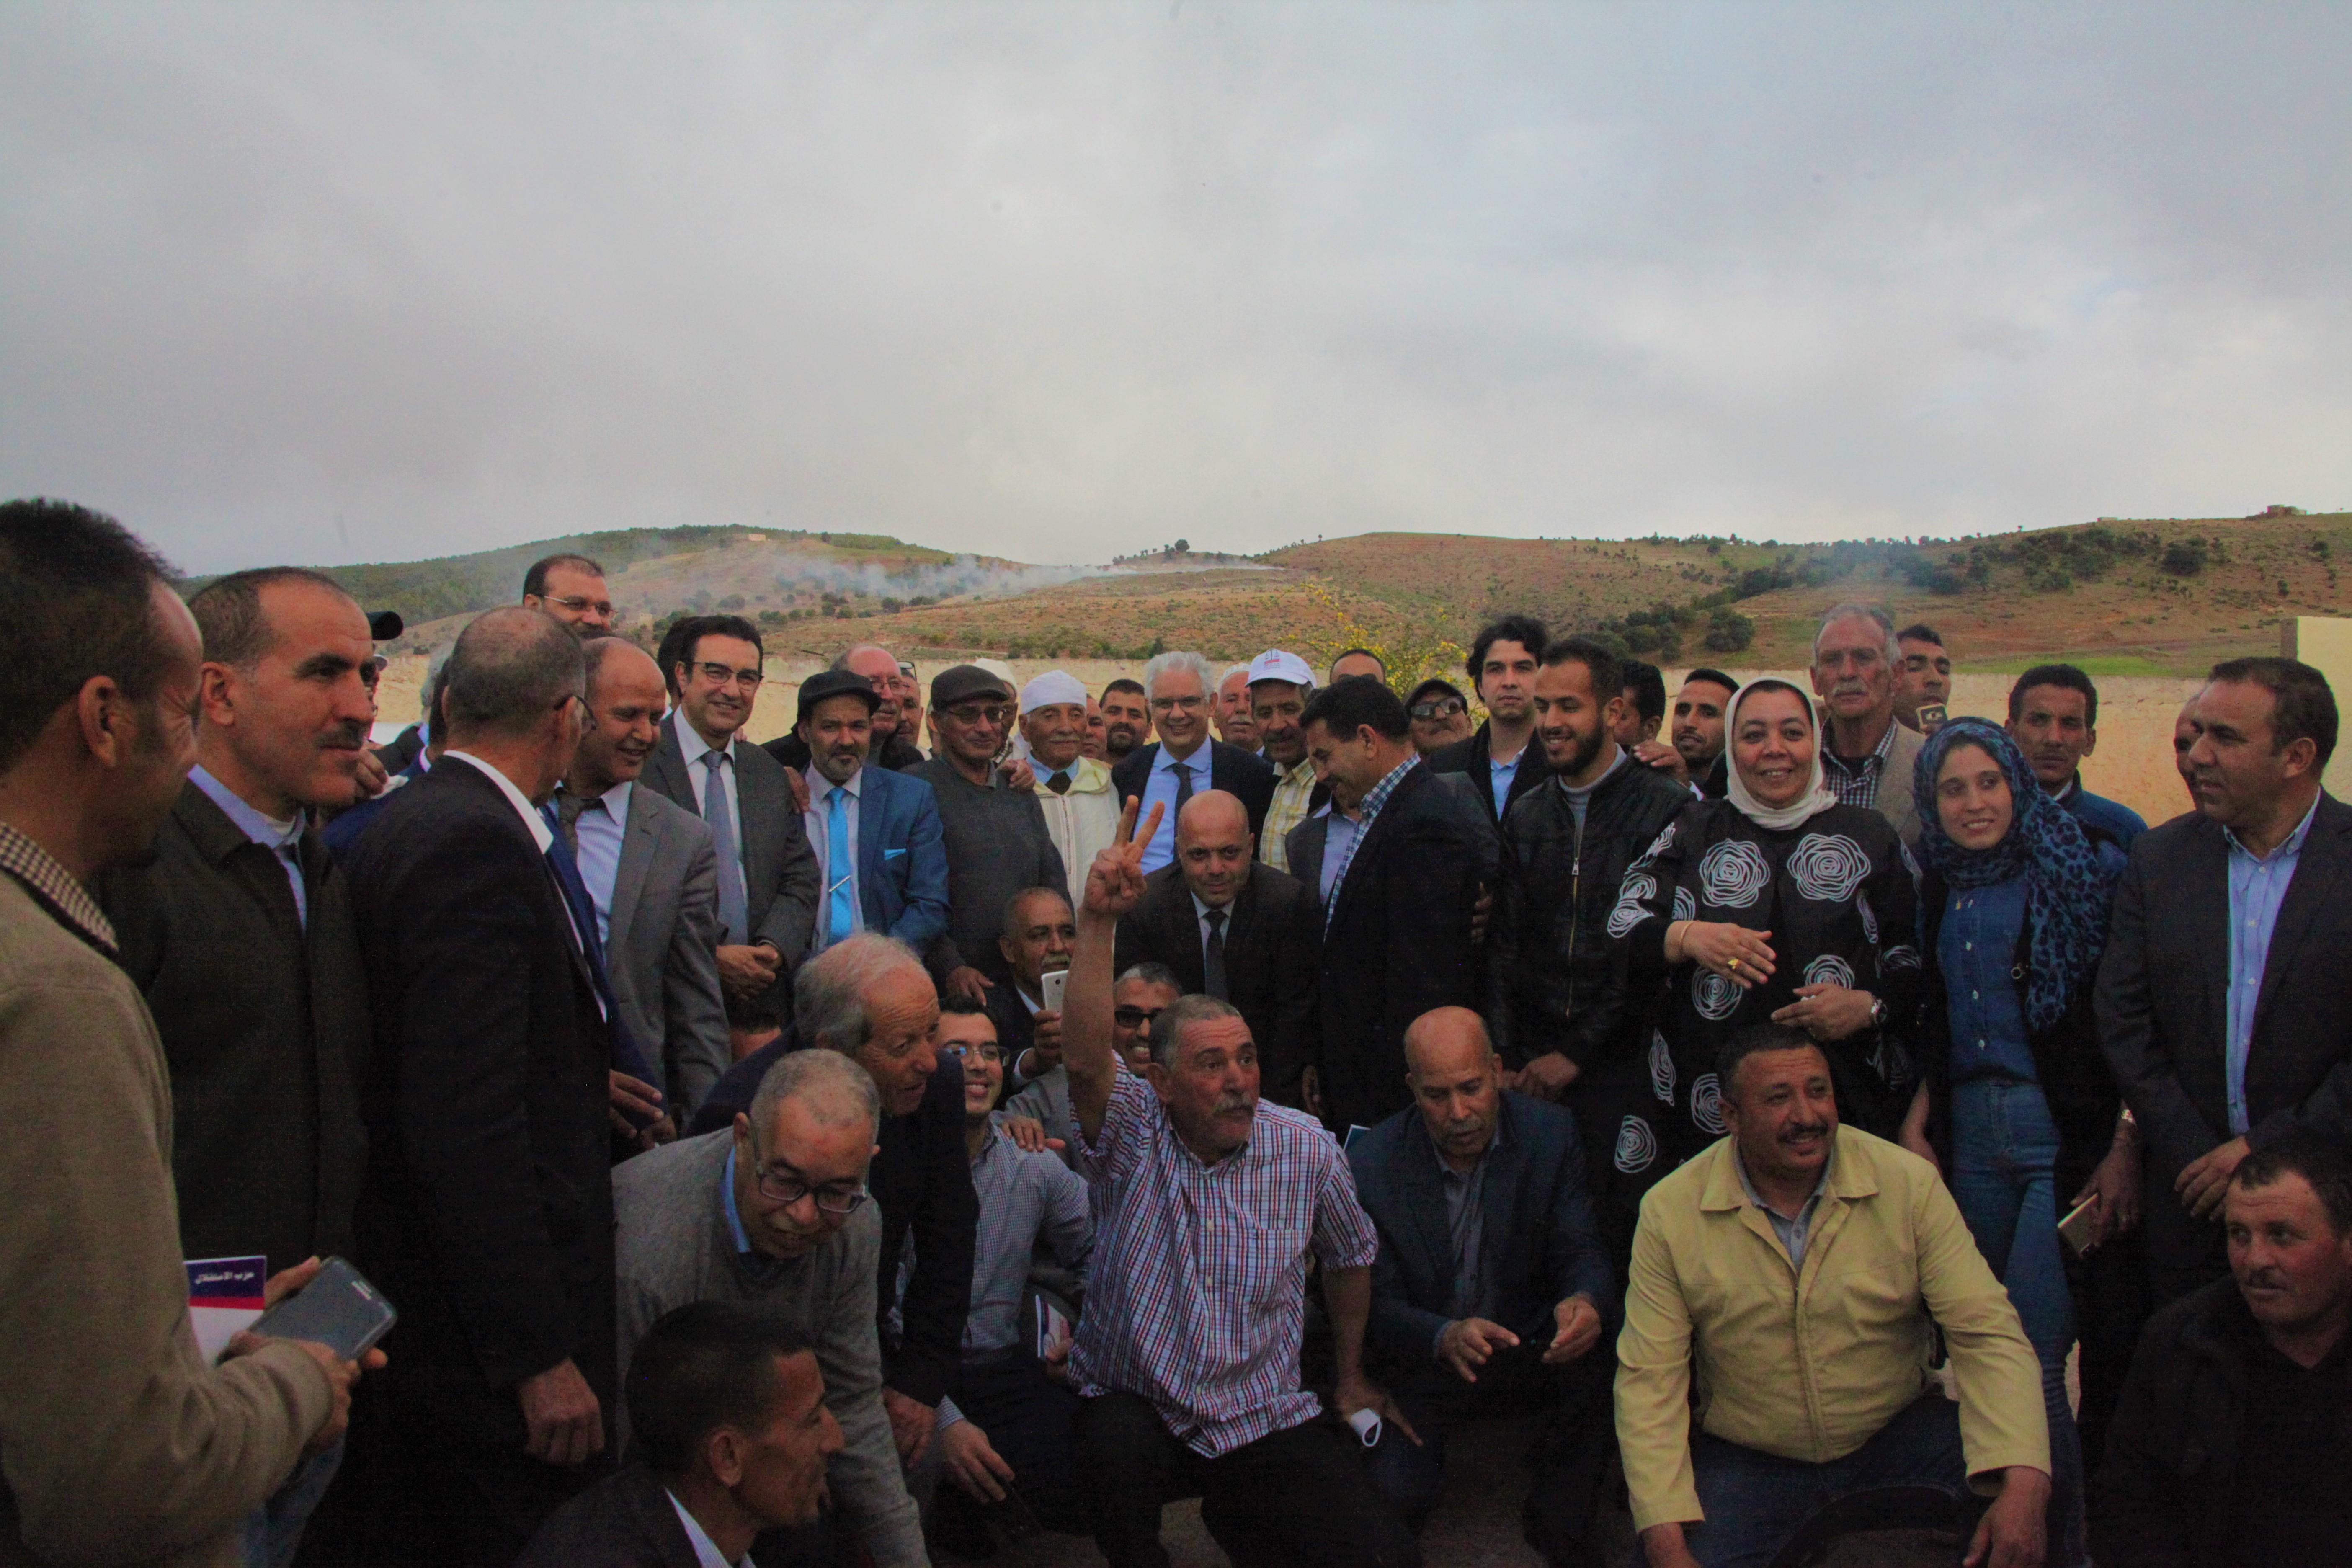 من أزيلال.. الأخ نزار بركة يشدد على ضرورة تقليص هوة الفقر والهشاشة الكبيرة التي تعاني منها ساكنة المناطق الجبلية